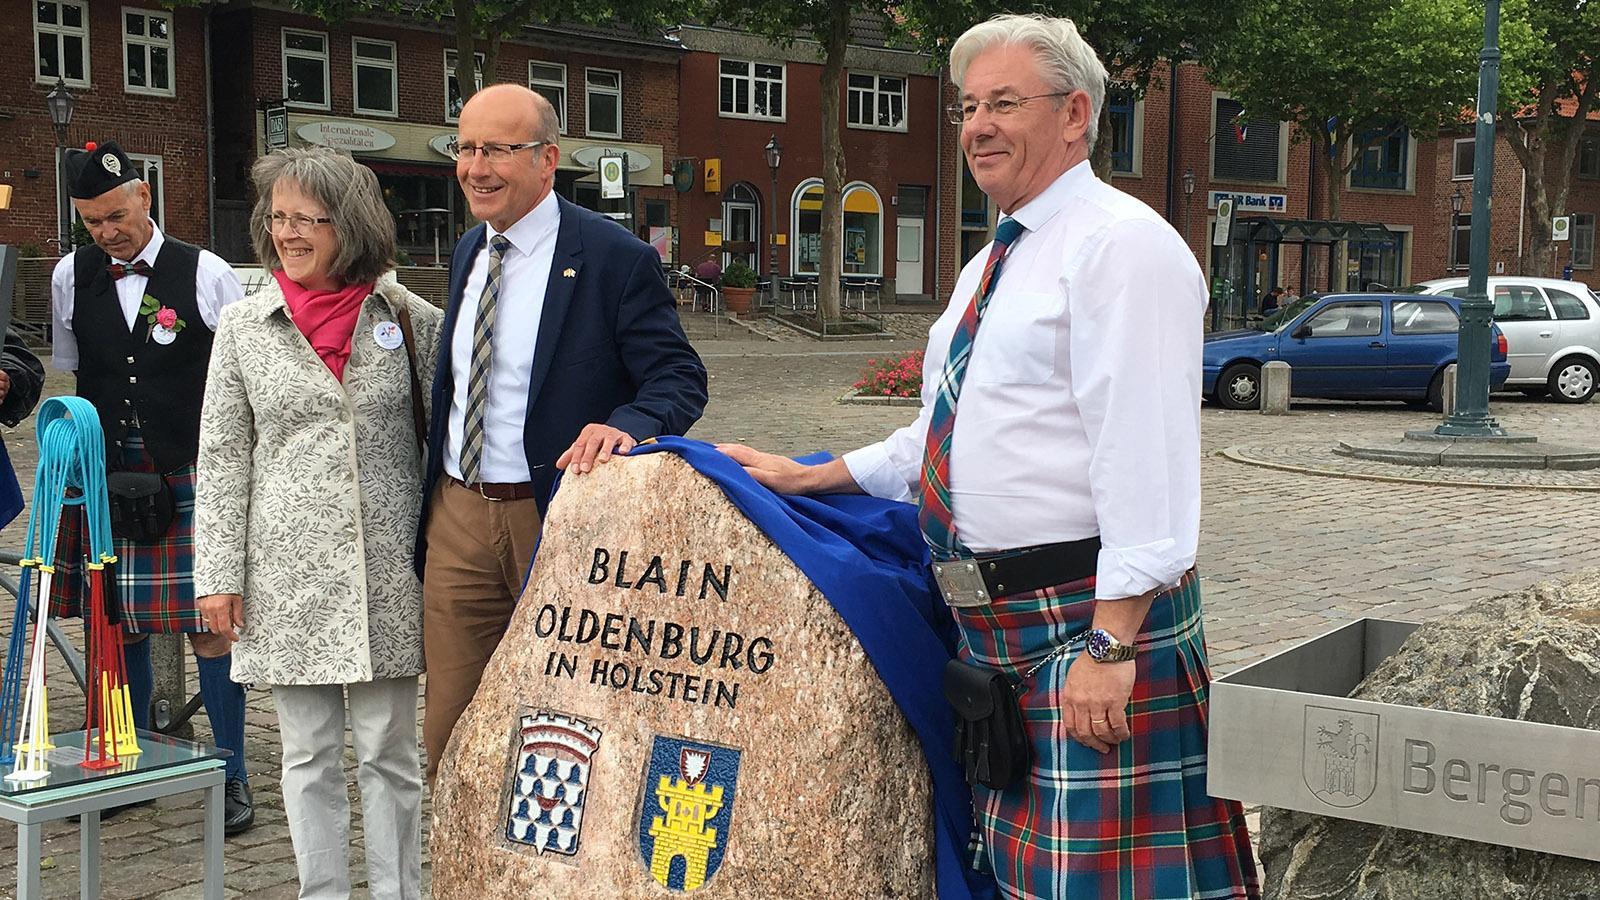 Blain - Oldenburg: der Partnerschaftsstein